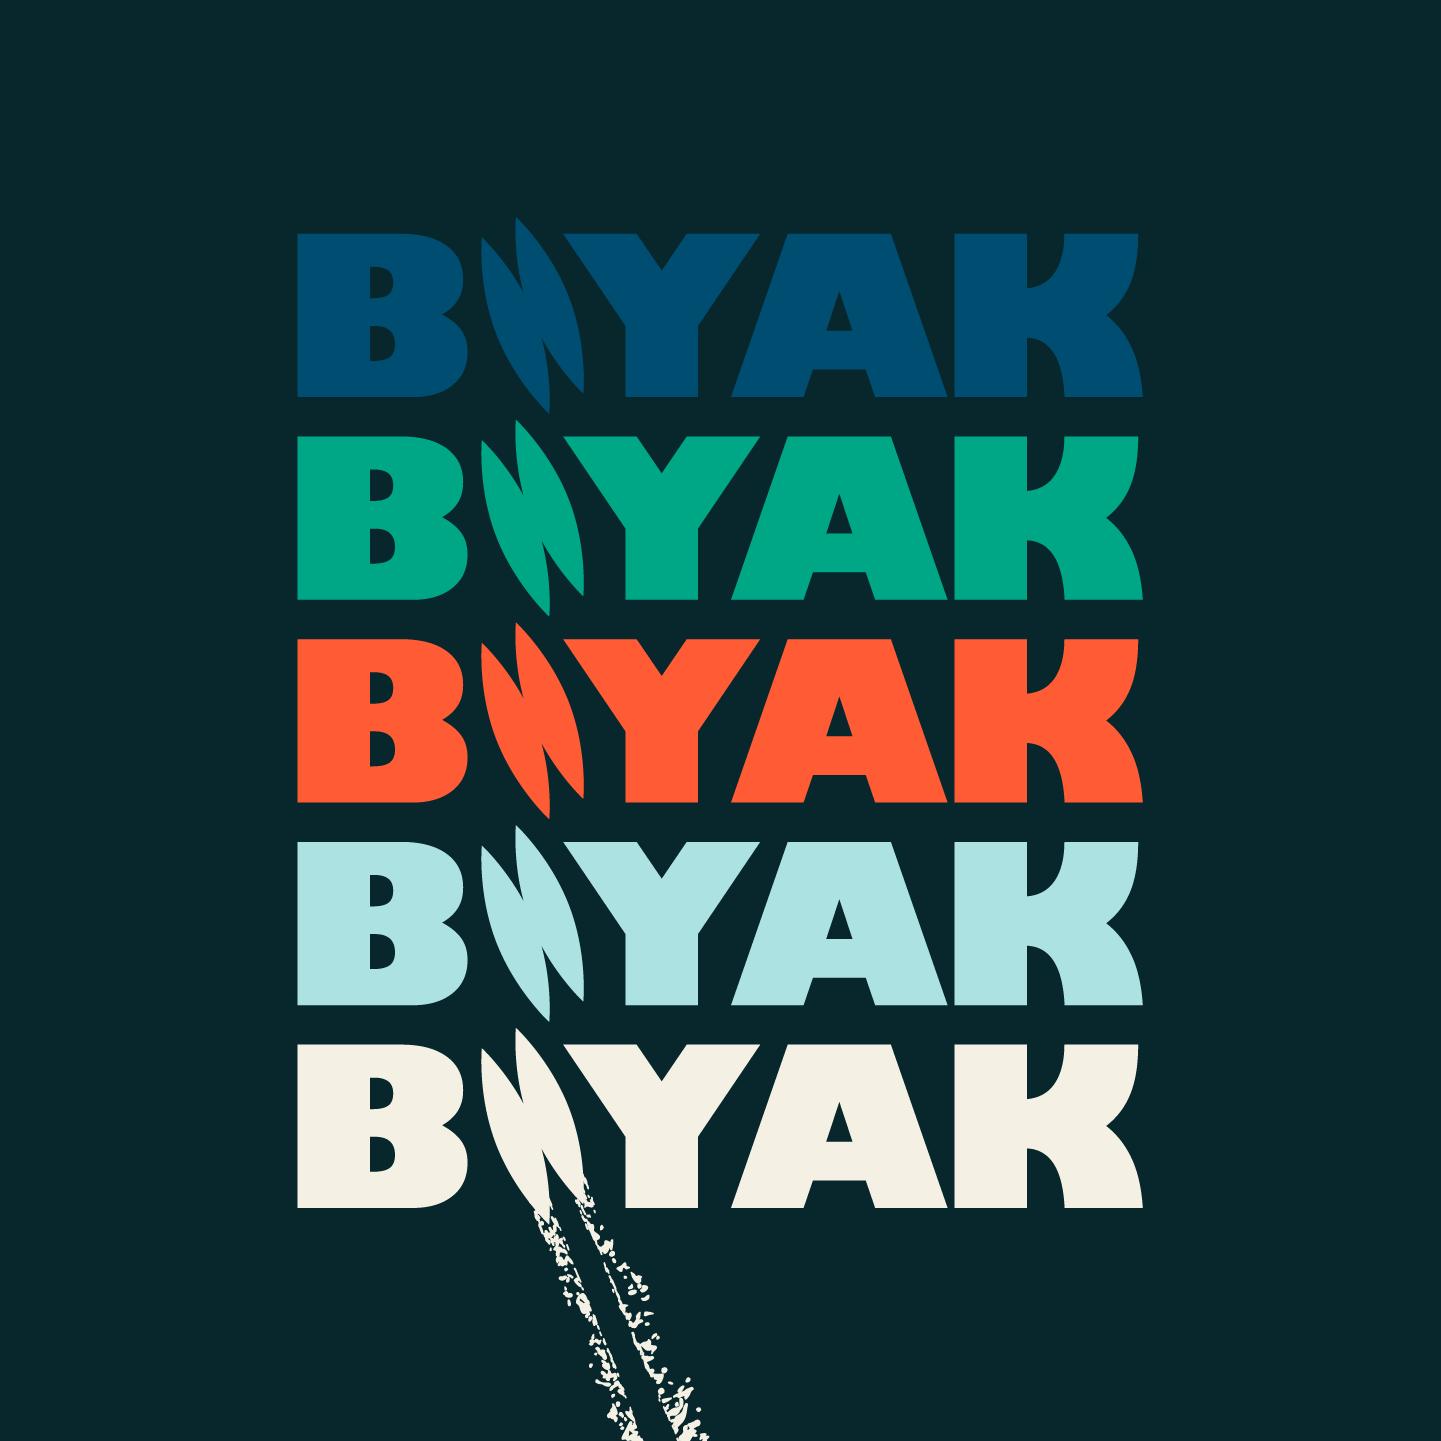 Biyak Boats